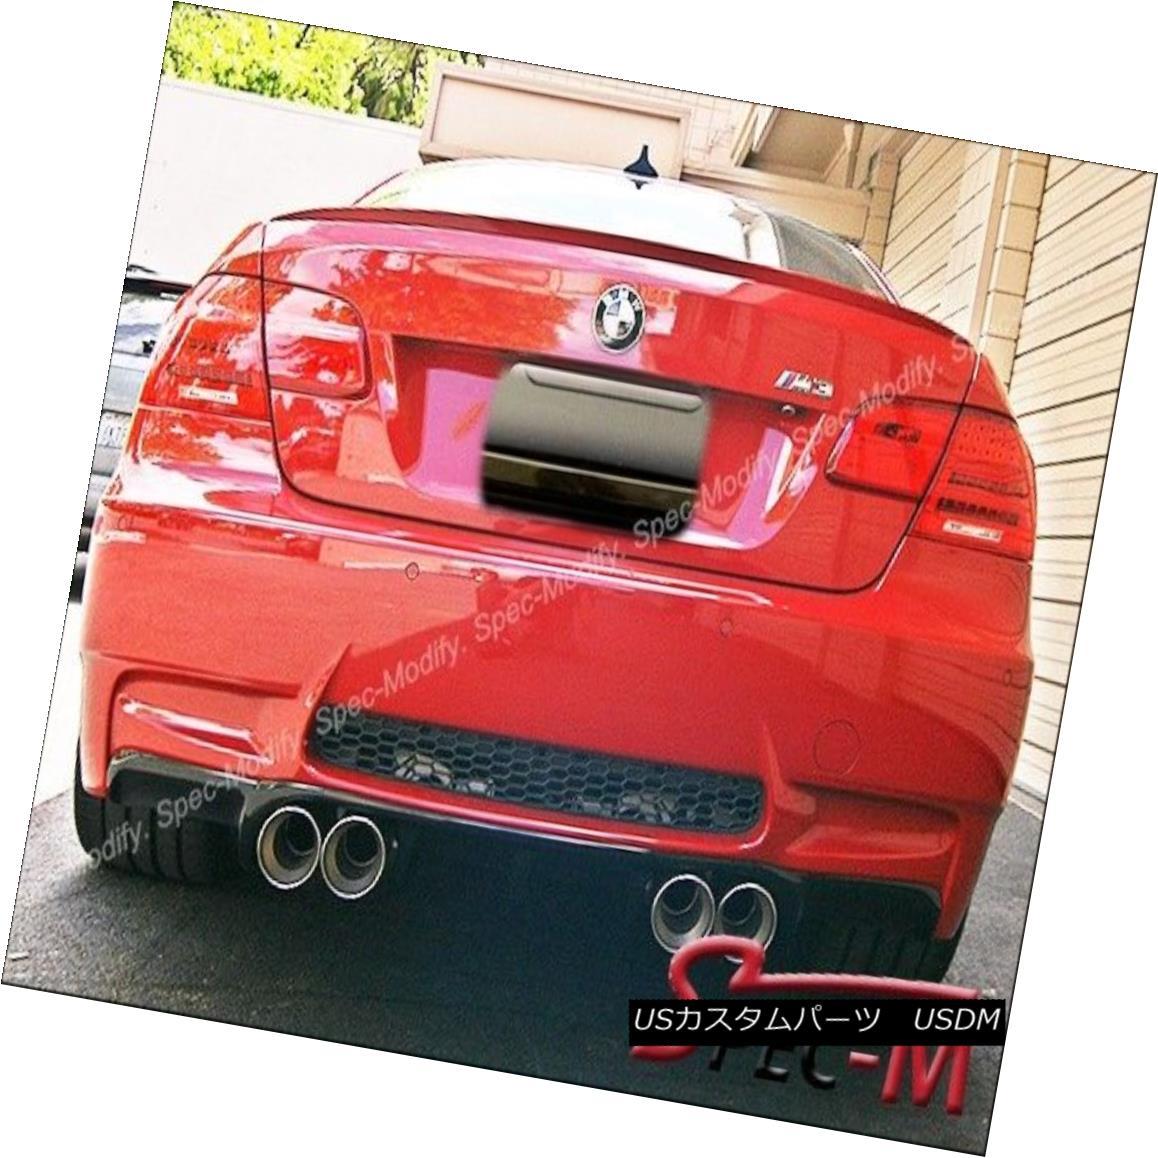 エアロパーツ V-Type Carbon Fiber Bumper Diffuser Add on Lip for BMW 08-13 E92 E93 M3 Only V型カーボンファイバーバンパーディフューザーBMW用リップアドオン08-13 E92 E93 M3のみ